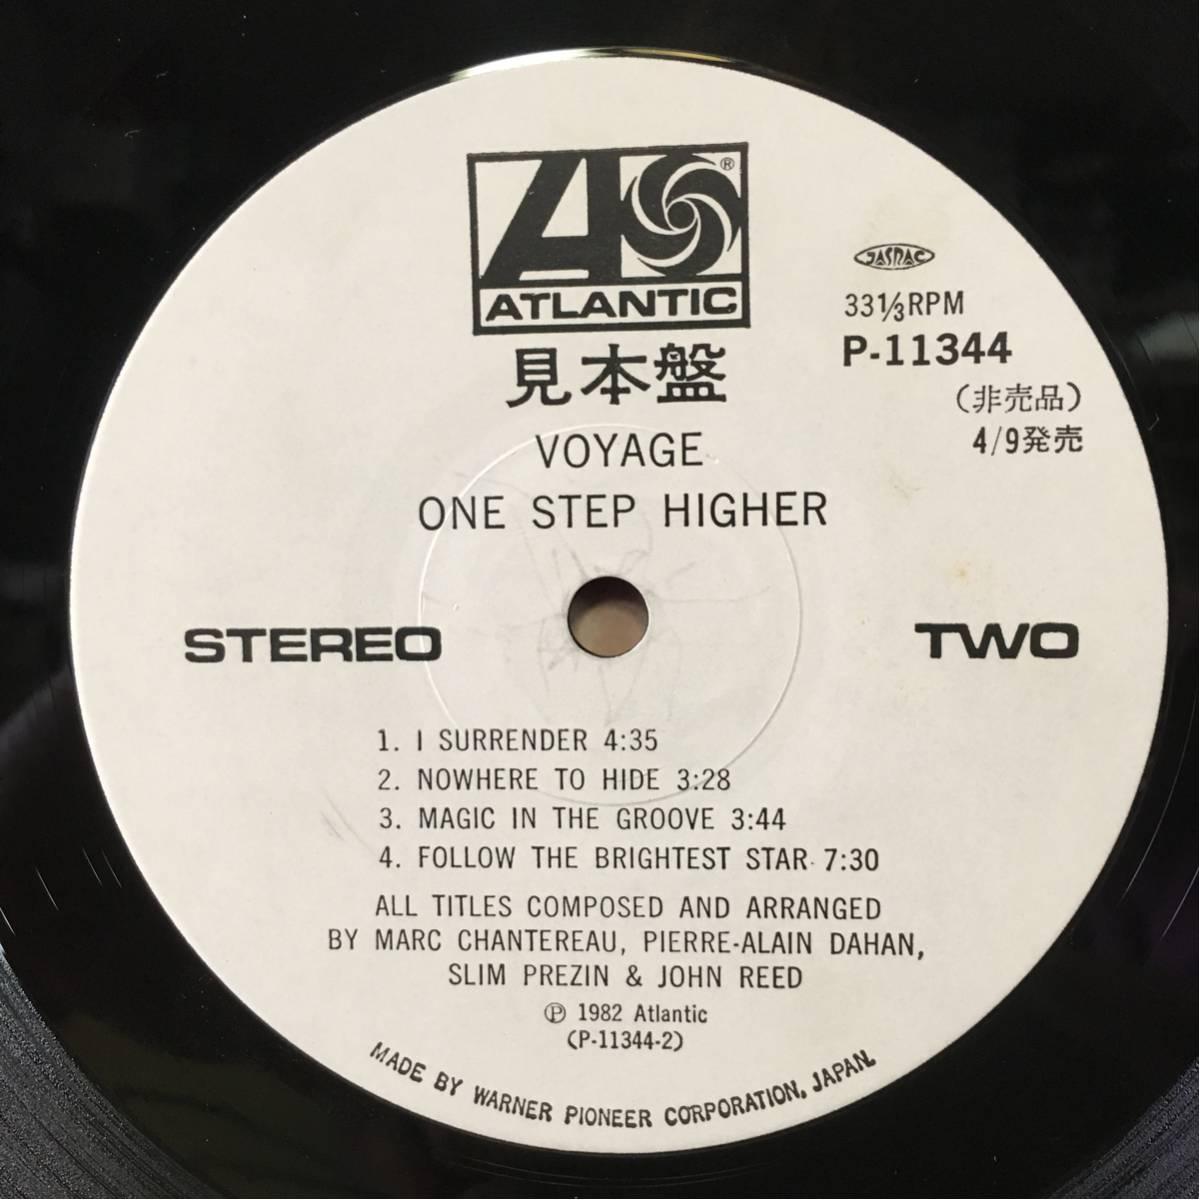 美盤 LP 非売品 見本盤 VOYAGE / ONE STEP HIGHER 今夜はフィーリング・ナイト LET'S GET STARTED ( LONGver 6分44秒収録 )_画像3